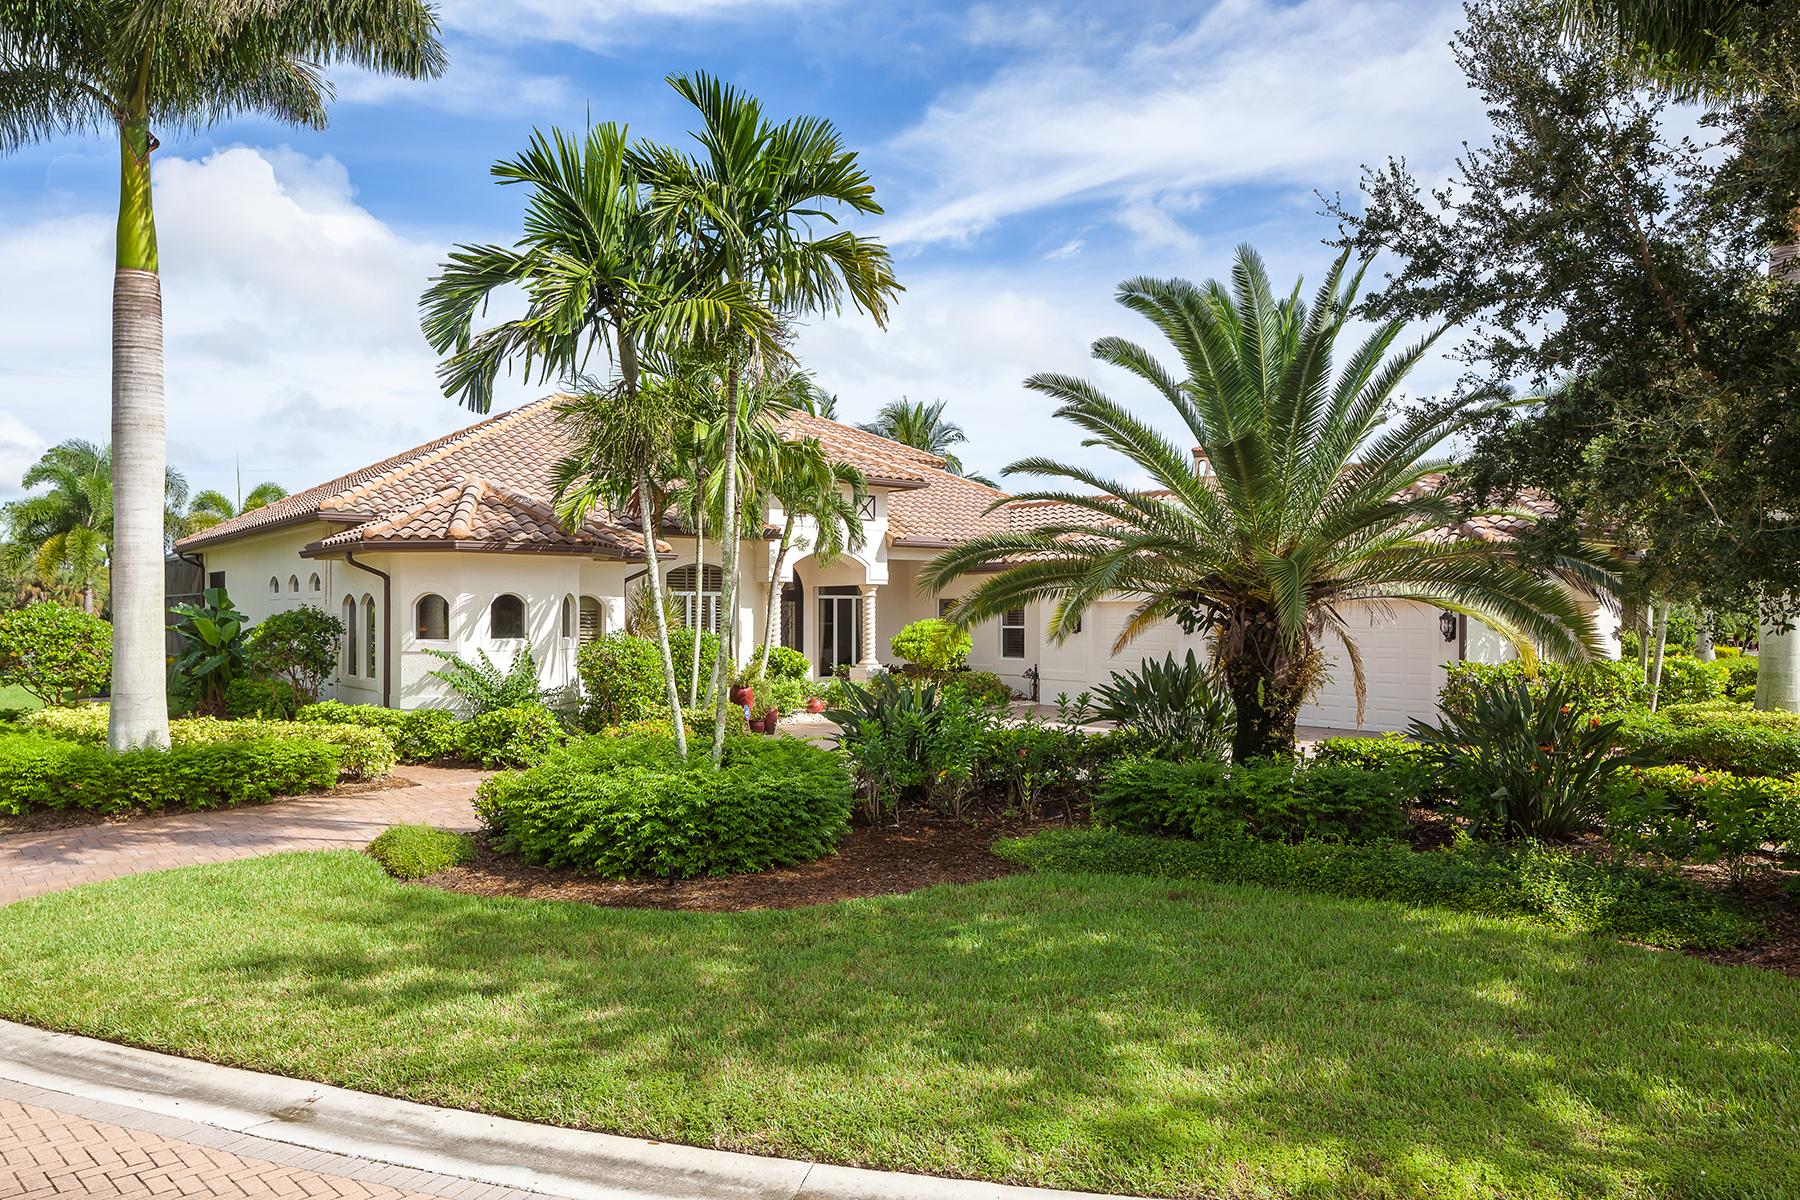 一戸建て のために 売買 アット LELY RESORT - CLASSICS PLANTATION ESTATES 7541 Snead Ct Naples, フロリダ, 34113 アメリカ合衆国